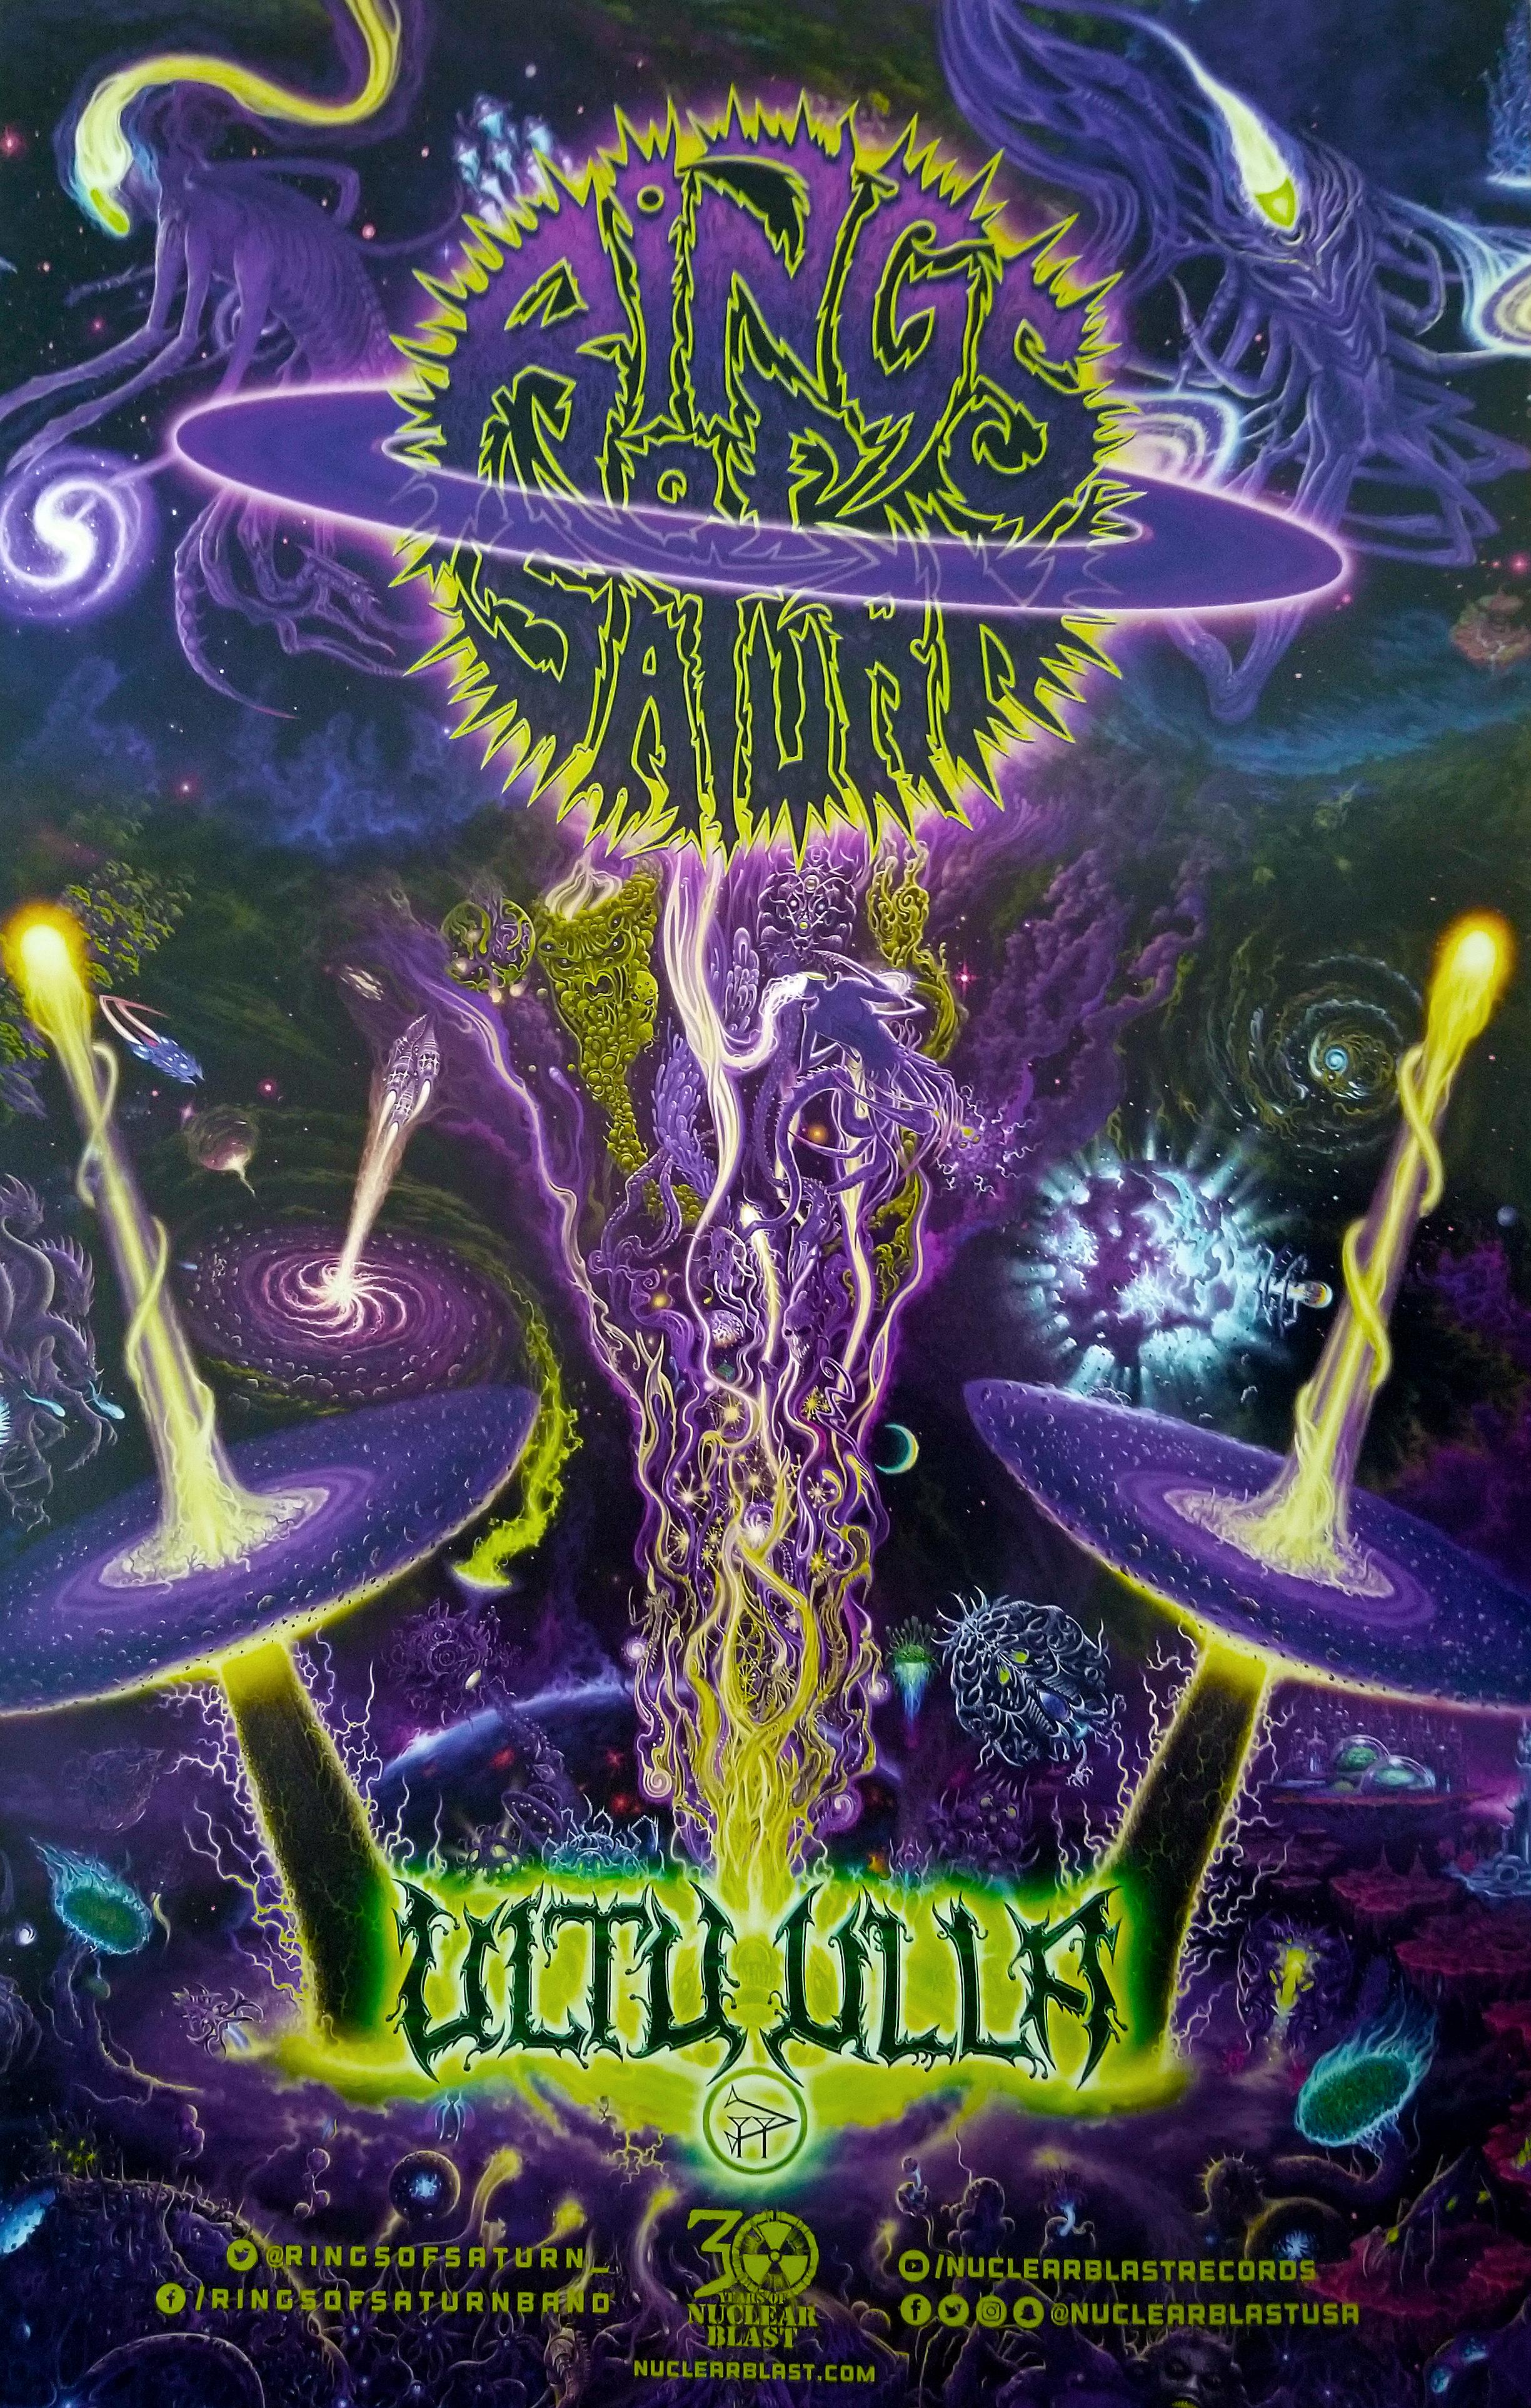 Rings Of Saturn Ultu Ulla Album Release Tour Poster Posters